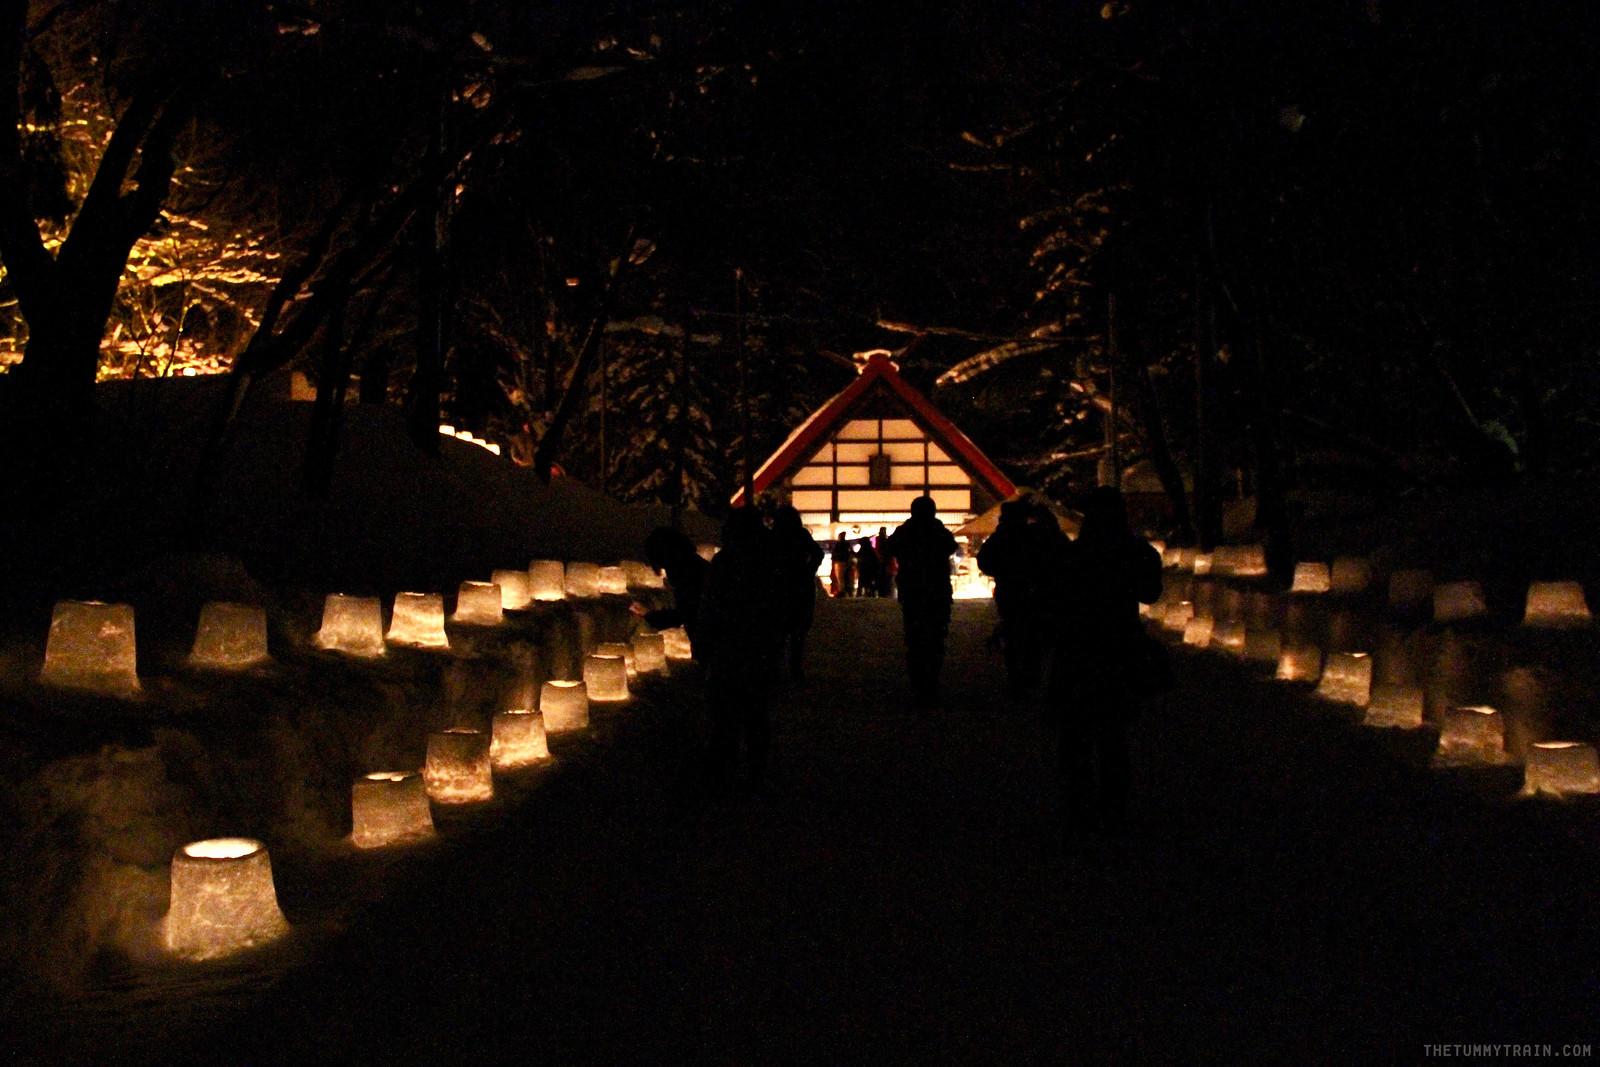 32915982475 600e99202f h - Sapporo Snow And Smile: 8 Unforgettable Winter Experiences in Sapporo City